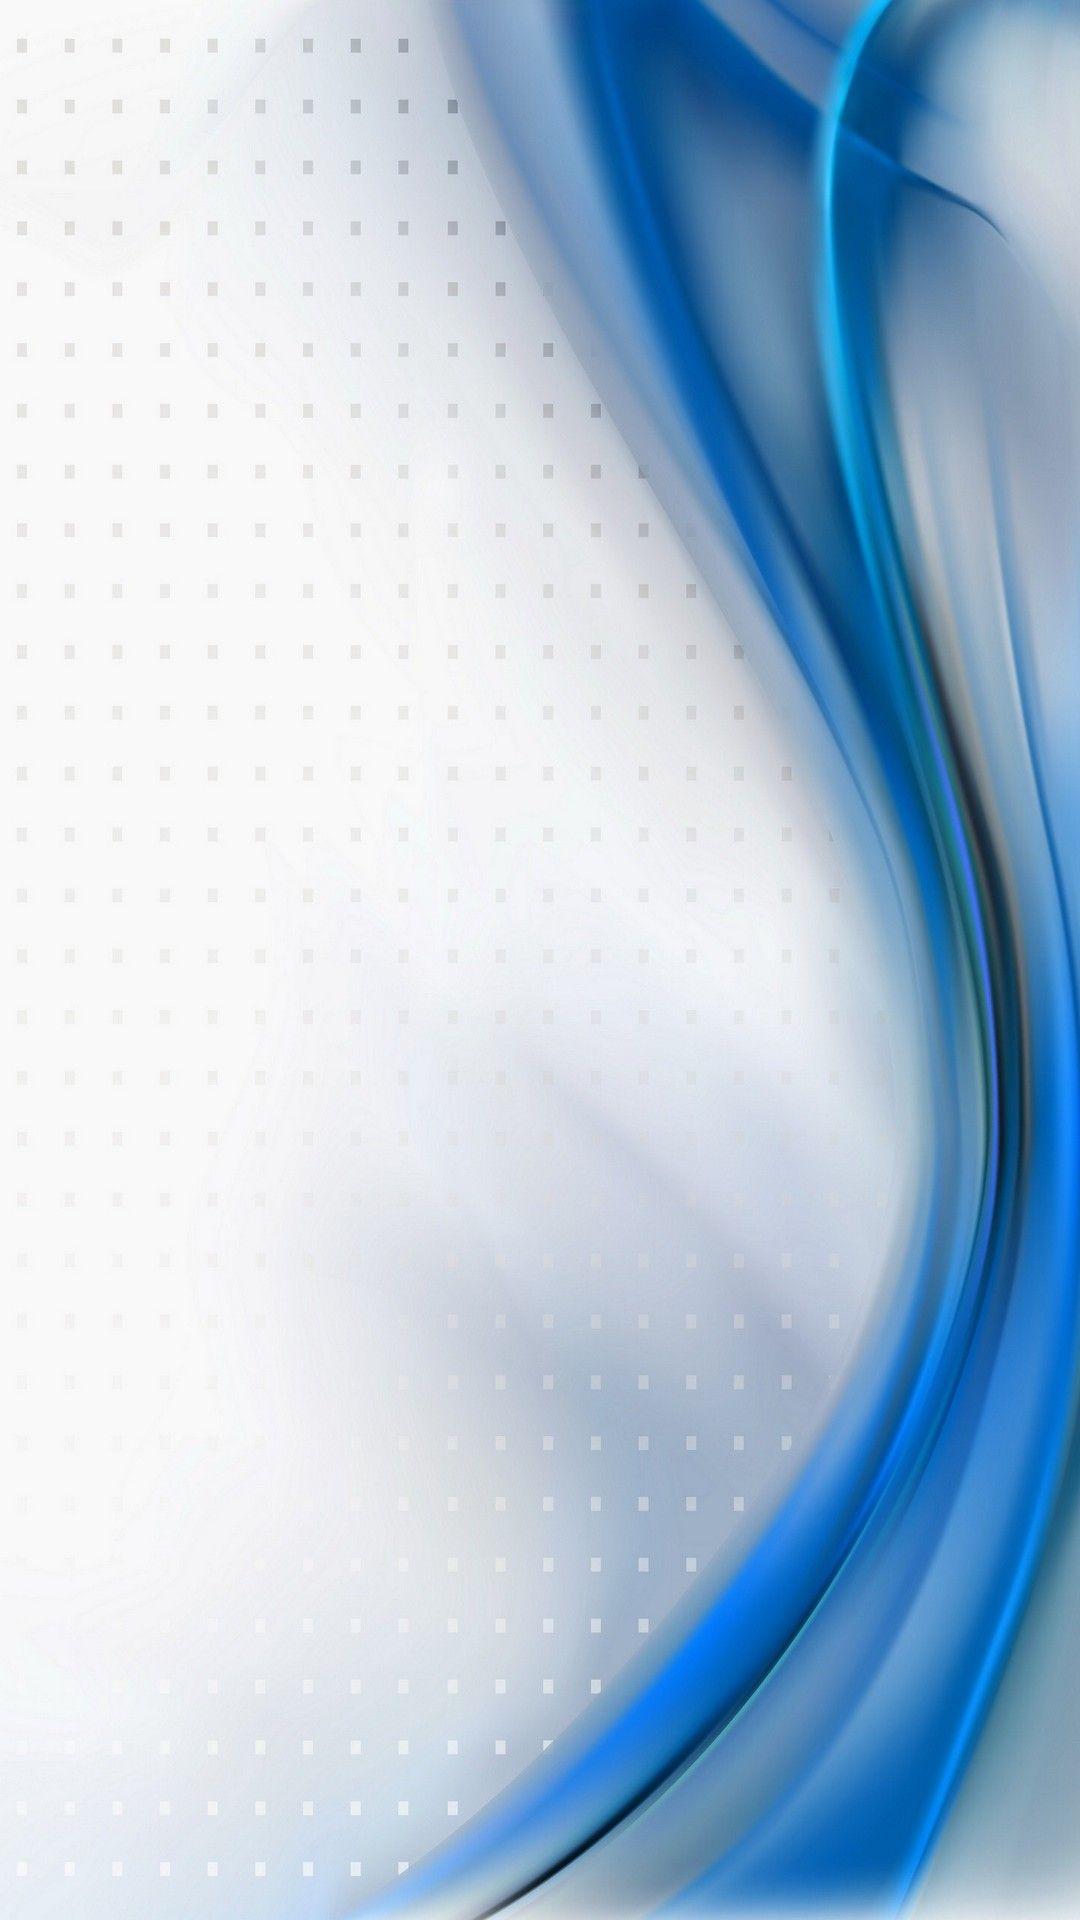 白と青の壁紙iphone 青白の壁紙 1080x19 Wallpapertip